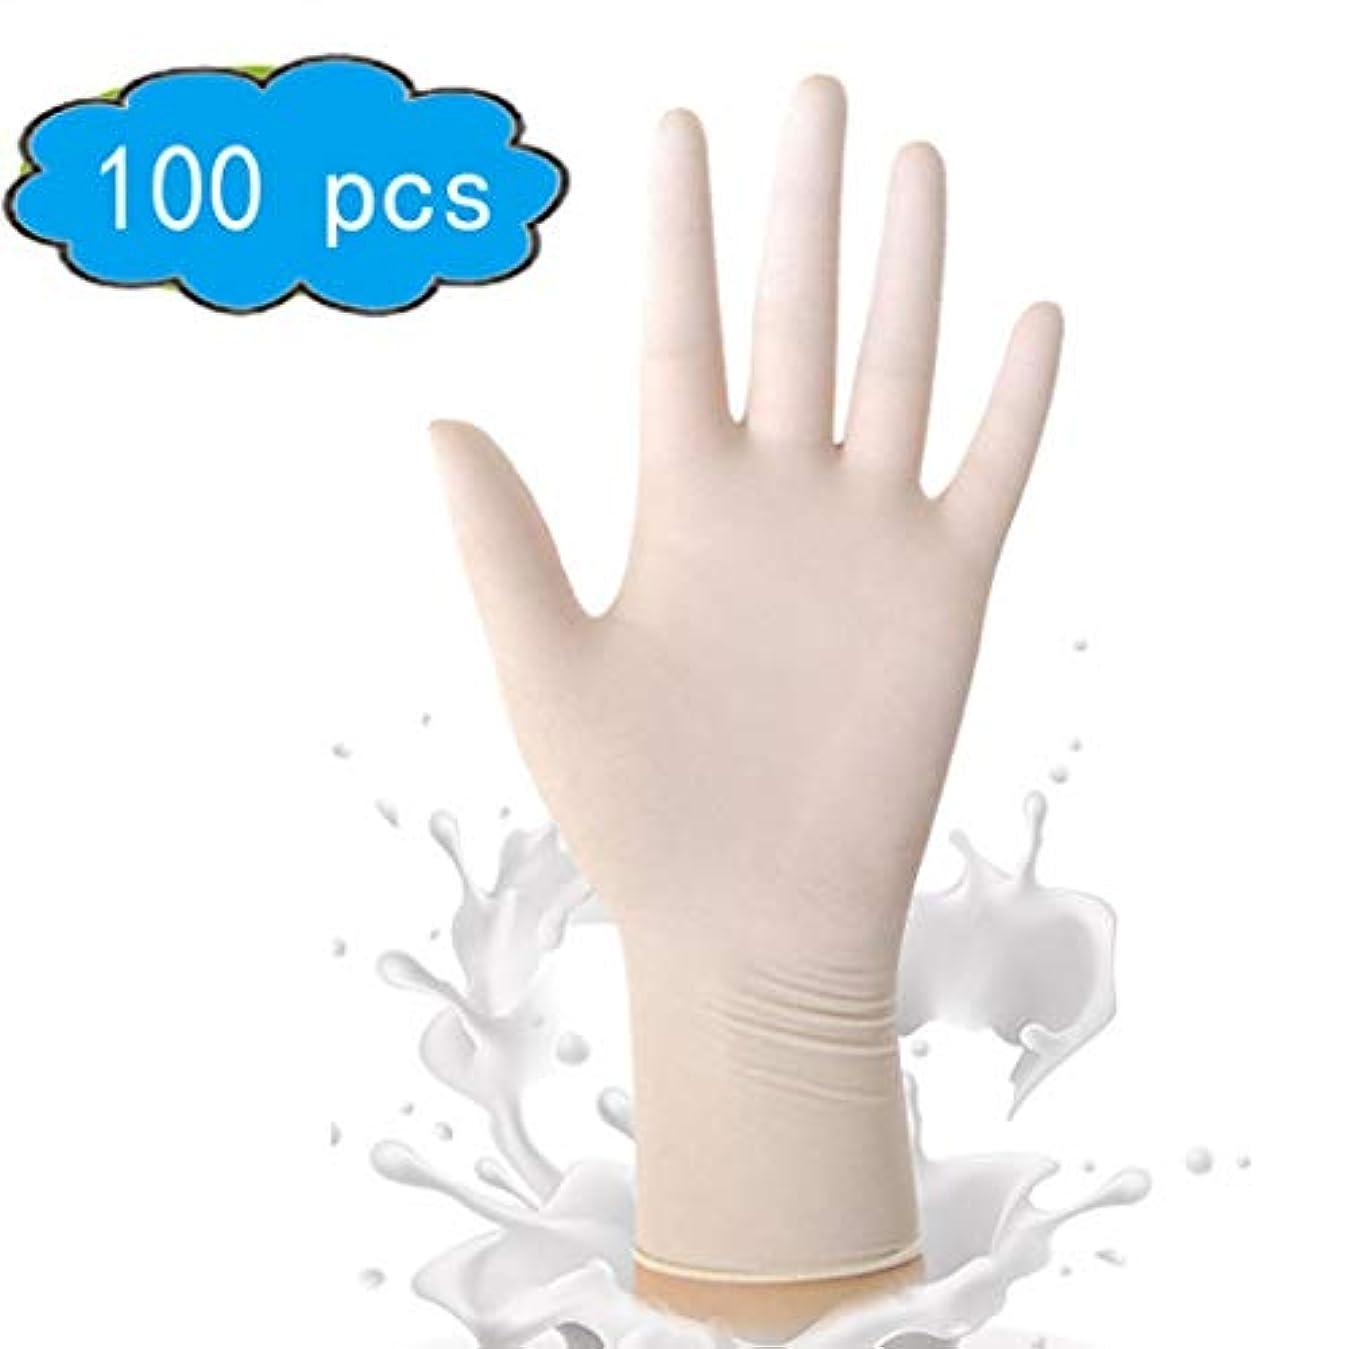 仕えるステーキ有益使い捨てラテックス手袋-医療用グレード、パウダーフリー、ラテックスゴムフリー、使い捨て、非滅菌、食品安全、テクスチャー、白色、厚く、100個入り、サイズ大、衛生手袋 (Color : White, Size : S)